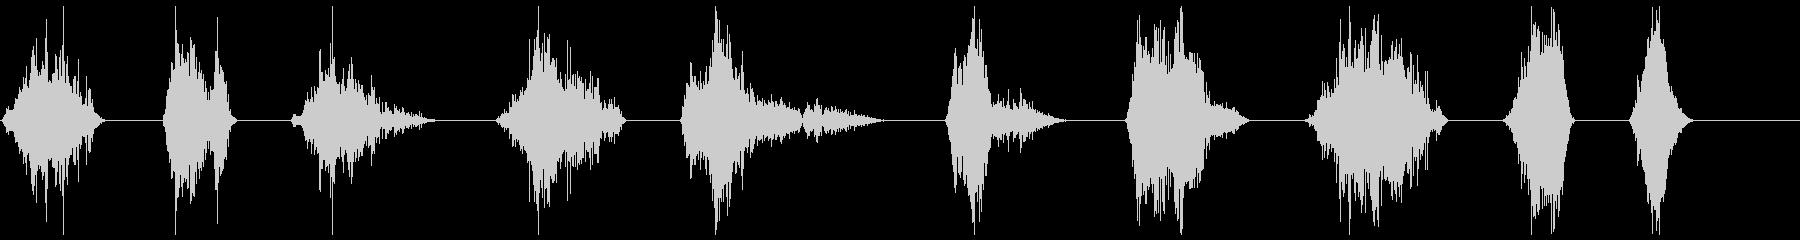 モンスターのうなり声1-10の未再生の波形